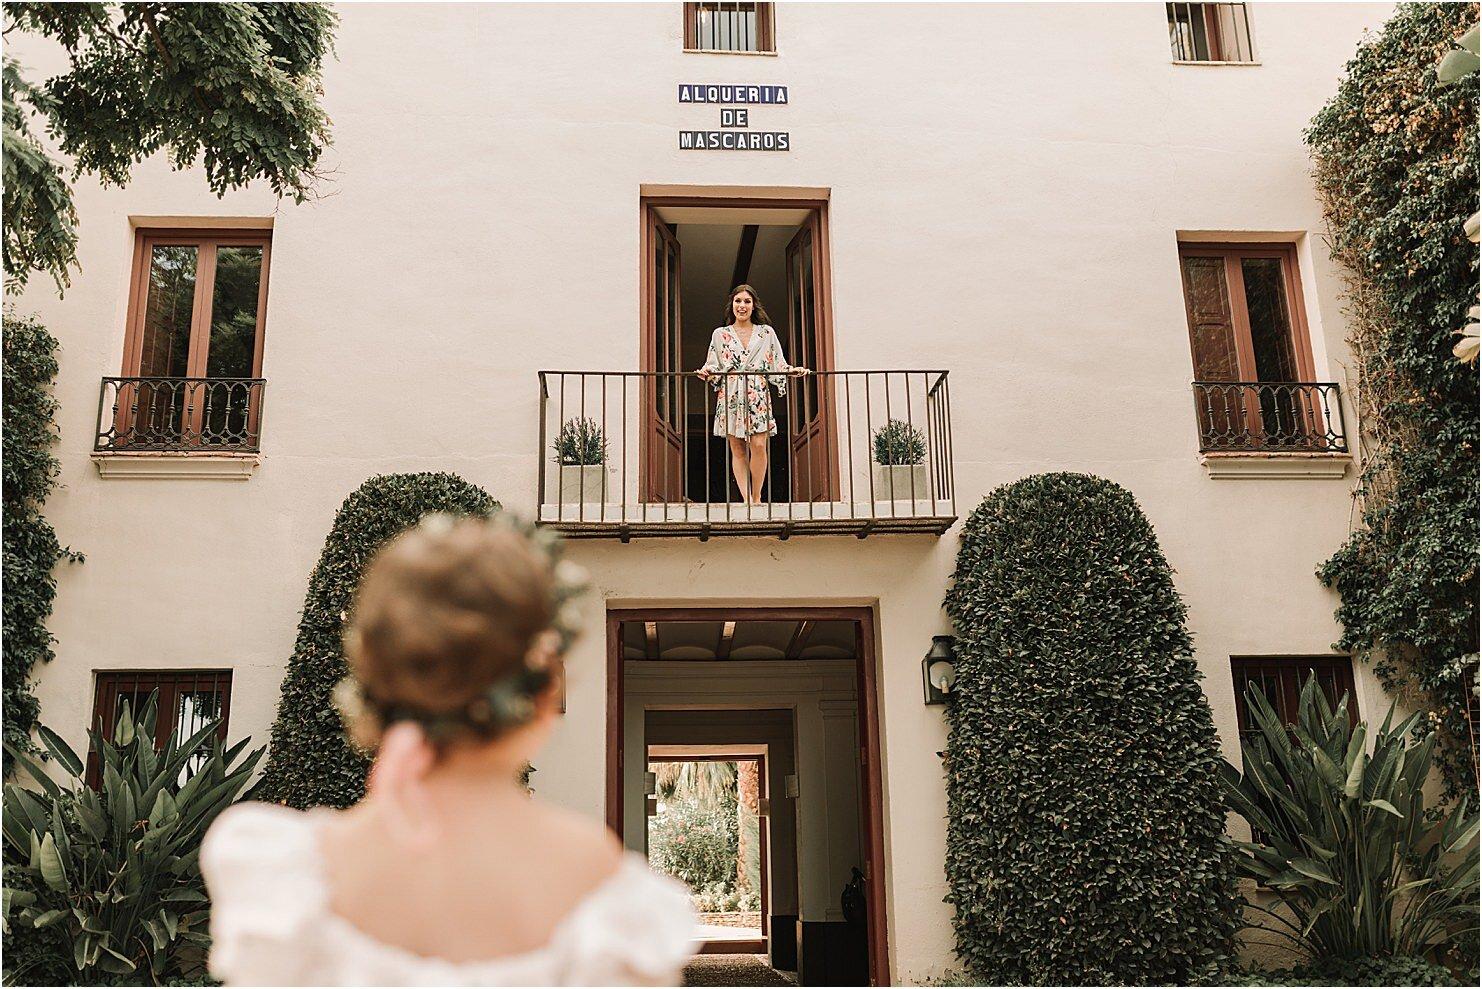 boda-boho-vestido-de-novia-boho-29.jpg